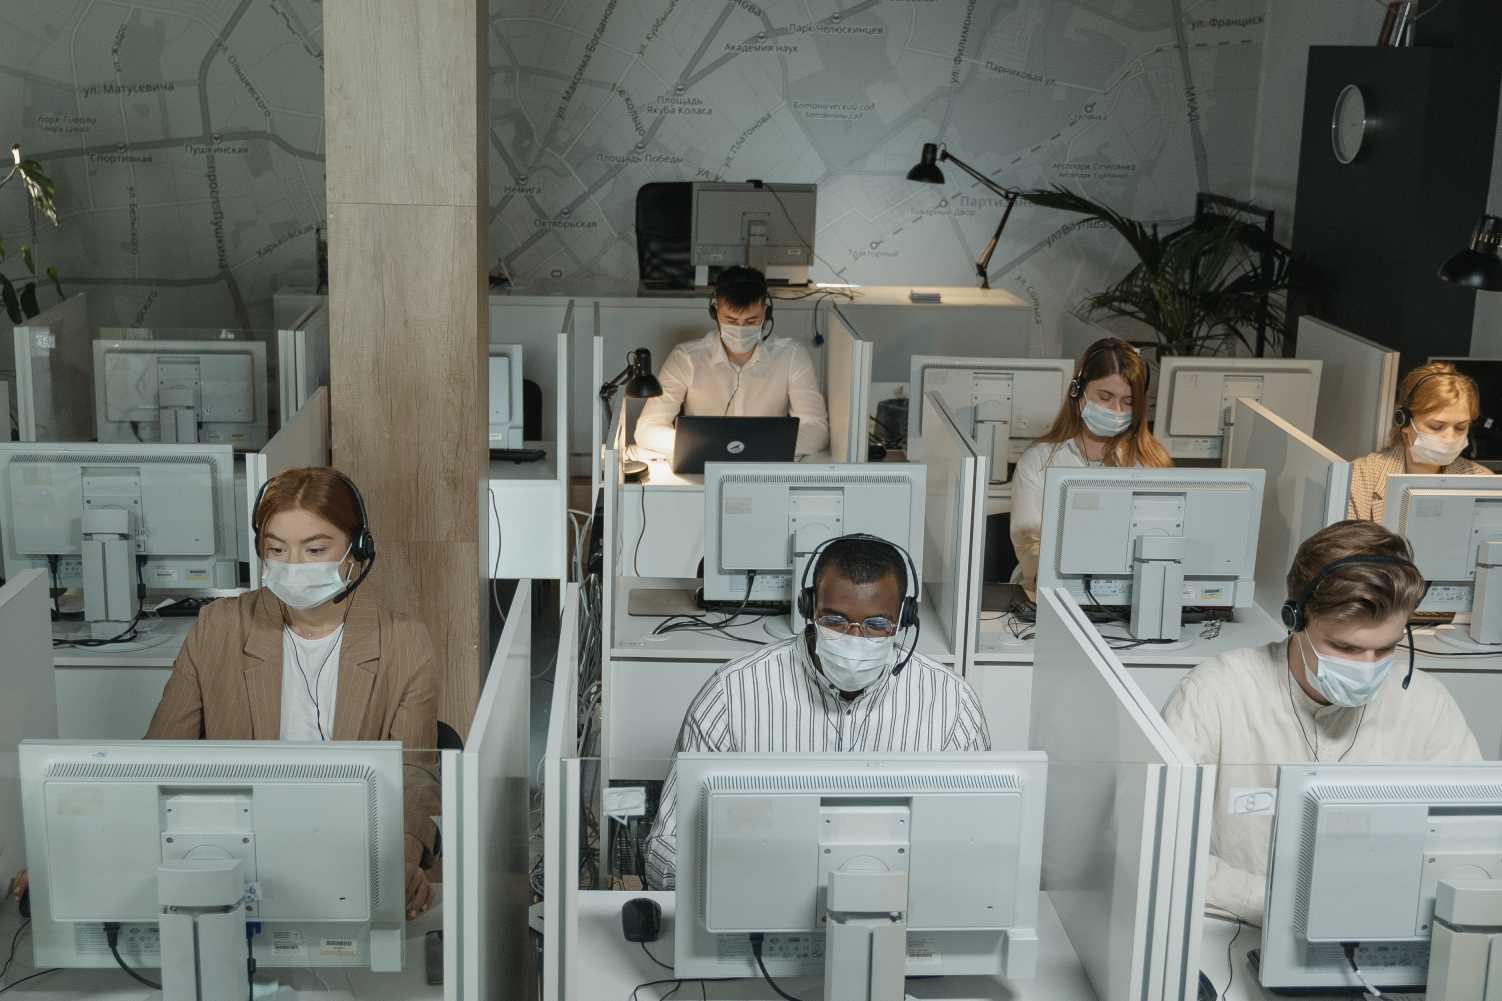 Une équipe de centre d'appel travaille